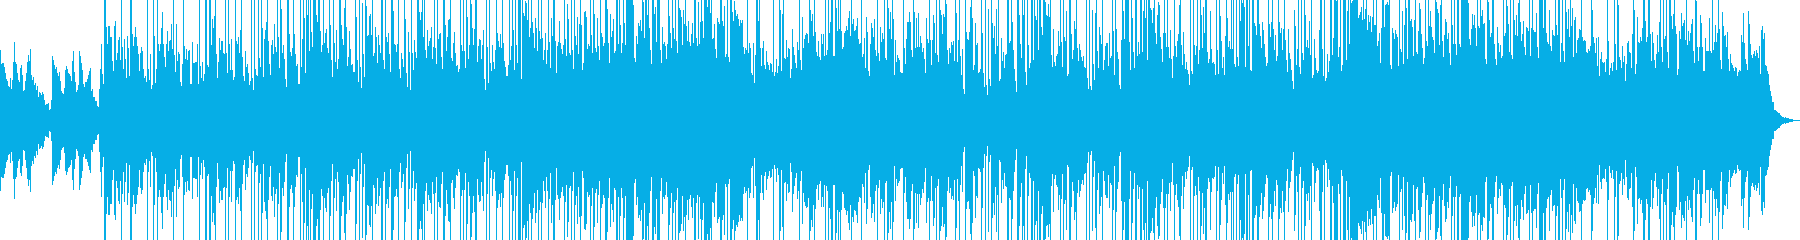 情熱さを感じるファンクジャズの再生済みの波形